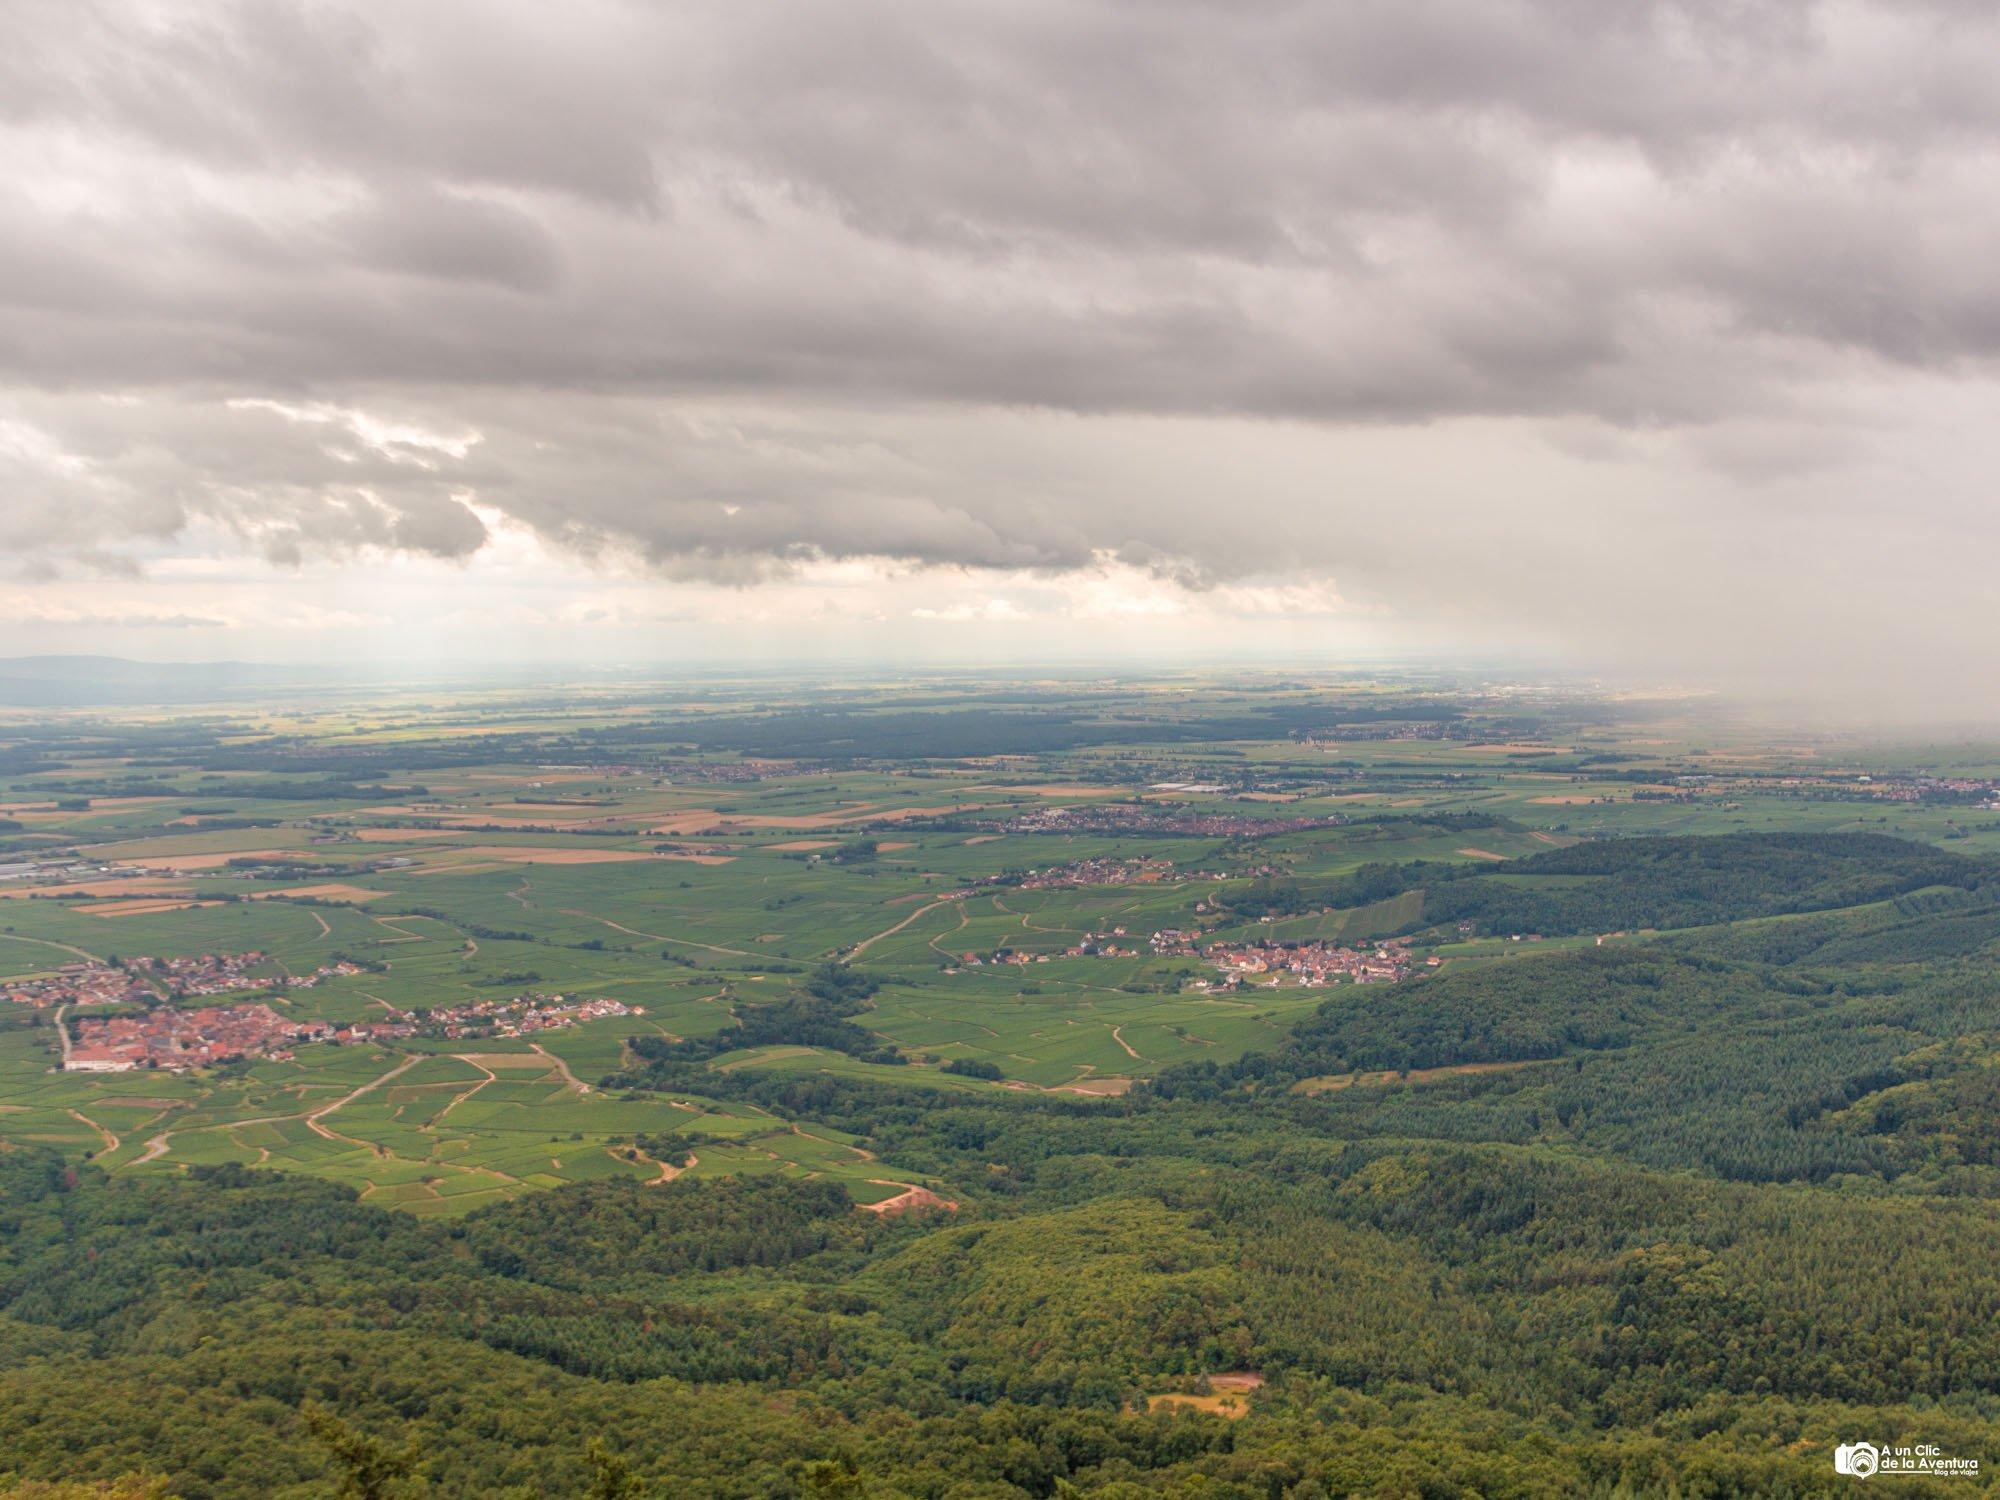 Planicie de Alsacia desde el Castillo de Haut-Koenigsbourg